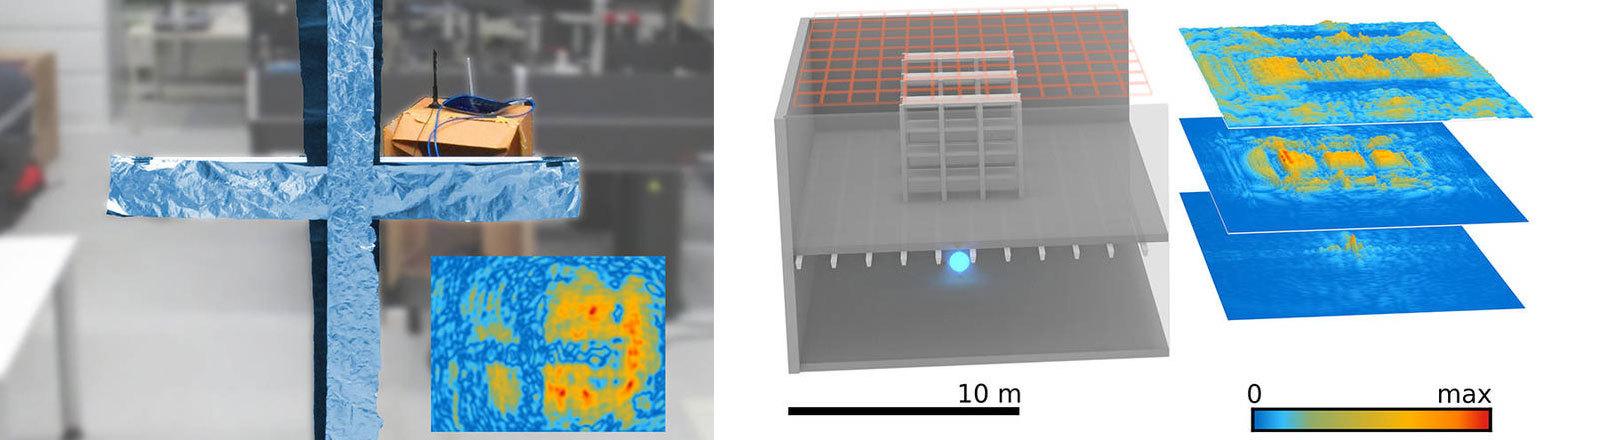 """Das im Realbild sichtbare Kreuz aus Aluminiumfolie lässt sich aus dem WLAN-Hologramm wieder rekonstruieren / Simulation einer Lagerhalle: Aus dem """"Licht"""" des WLAN-Senders im Keller lässt sich das dreidimensionale Abbild rekonstruieren"""